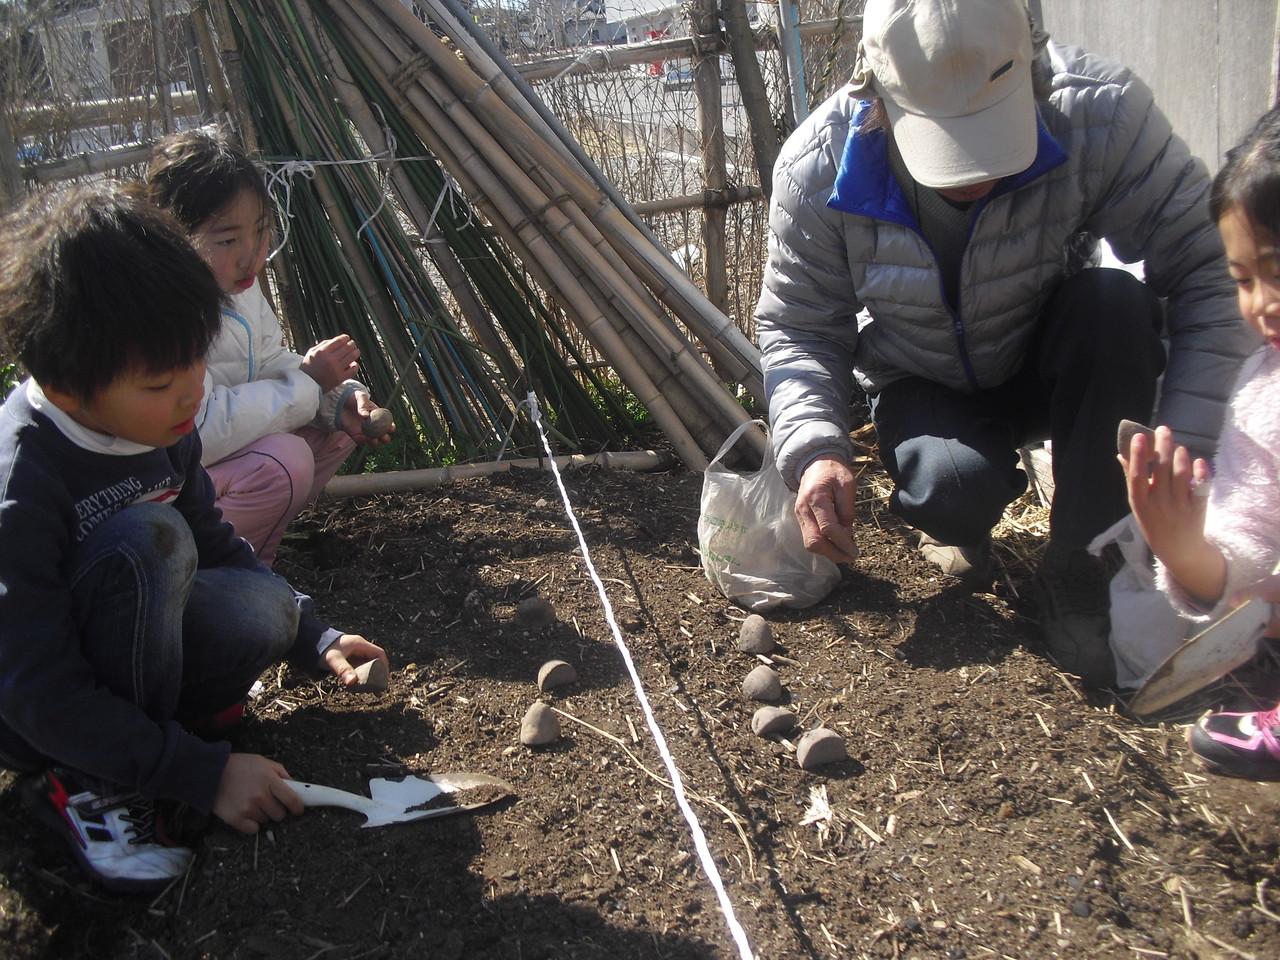 穴を掘って種芋を入れて、土を上からやさしくかけていきます。